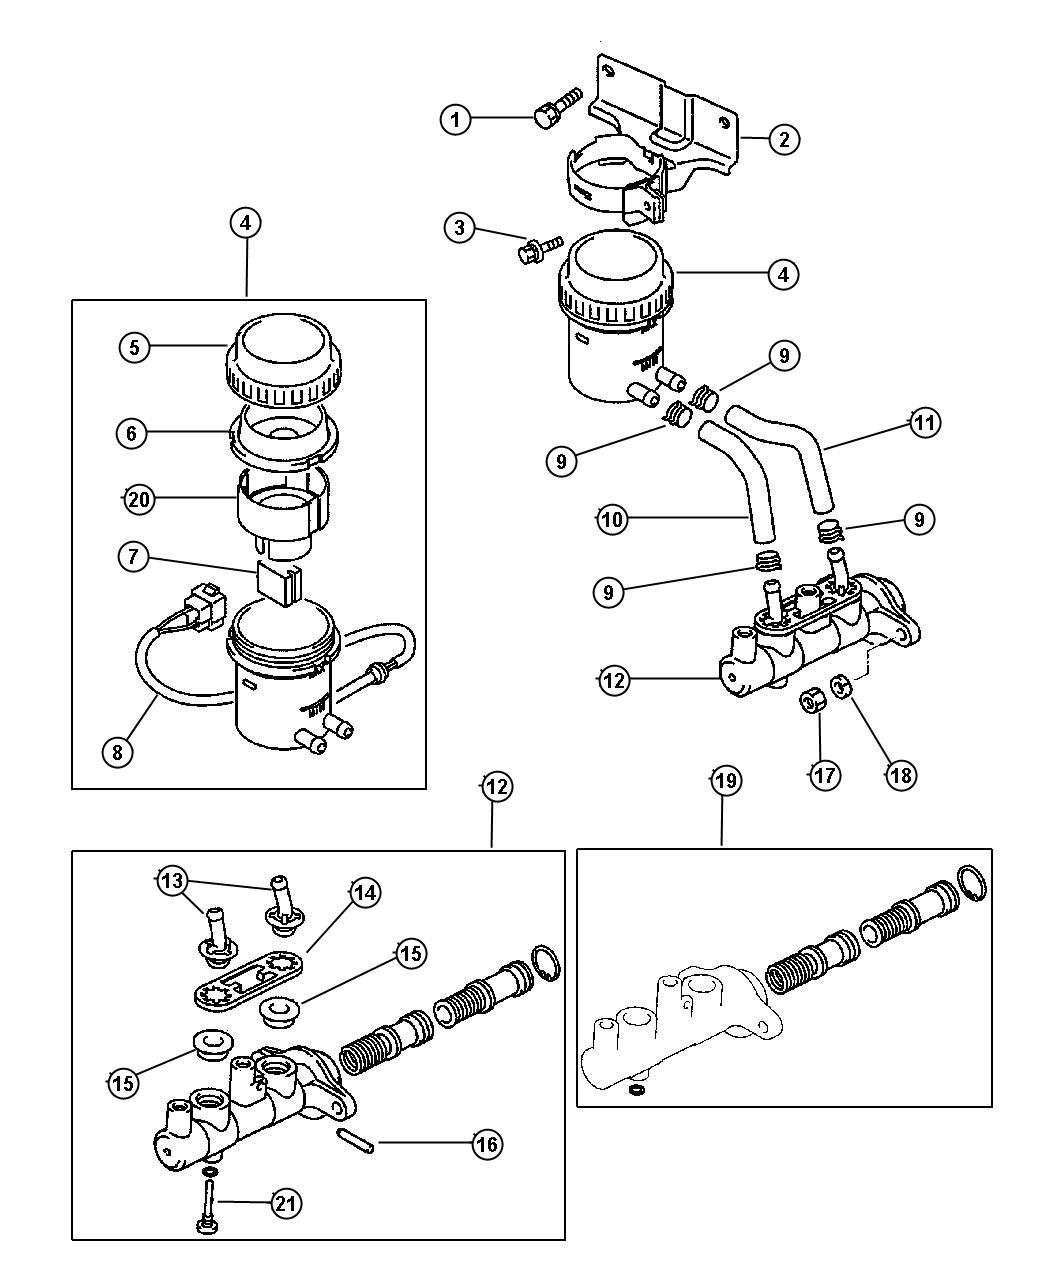 Chrysler Sebring Nut. Gear shift link, master cylinder to